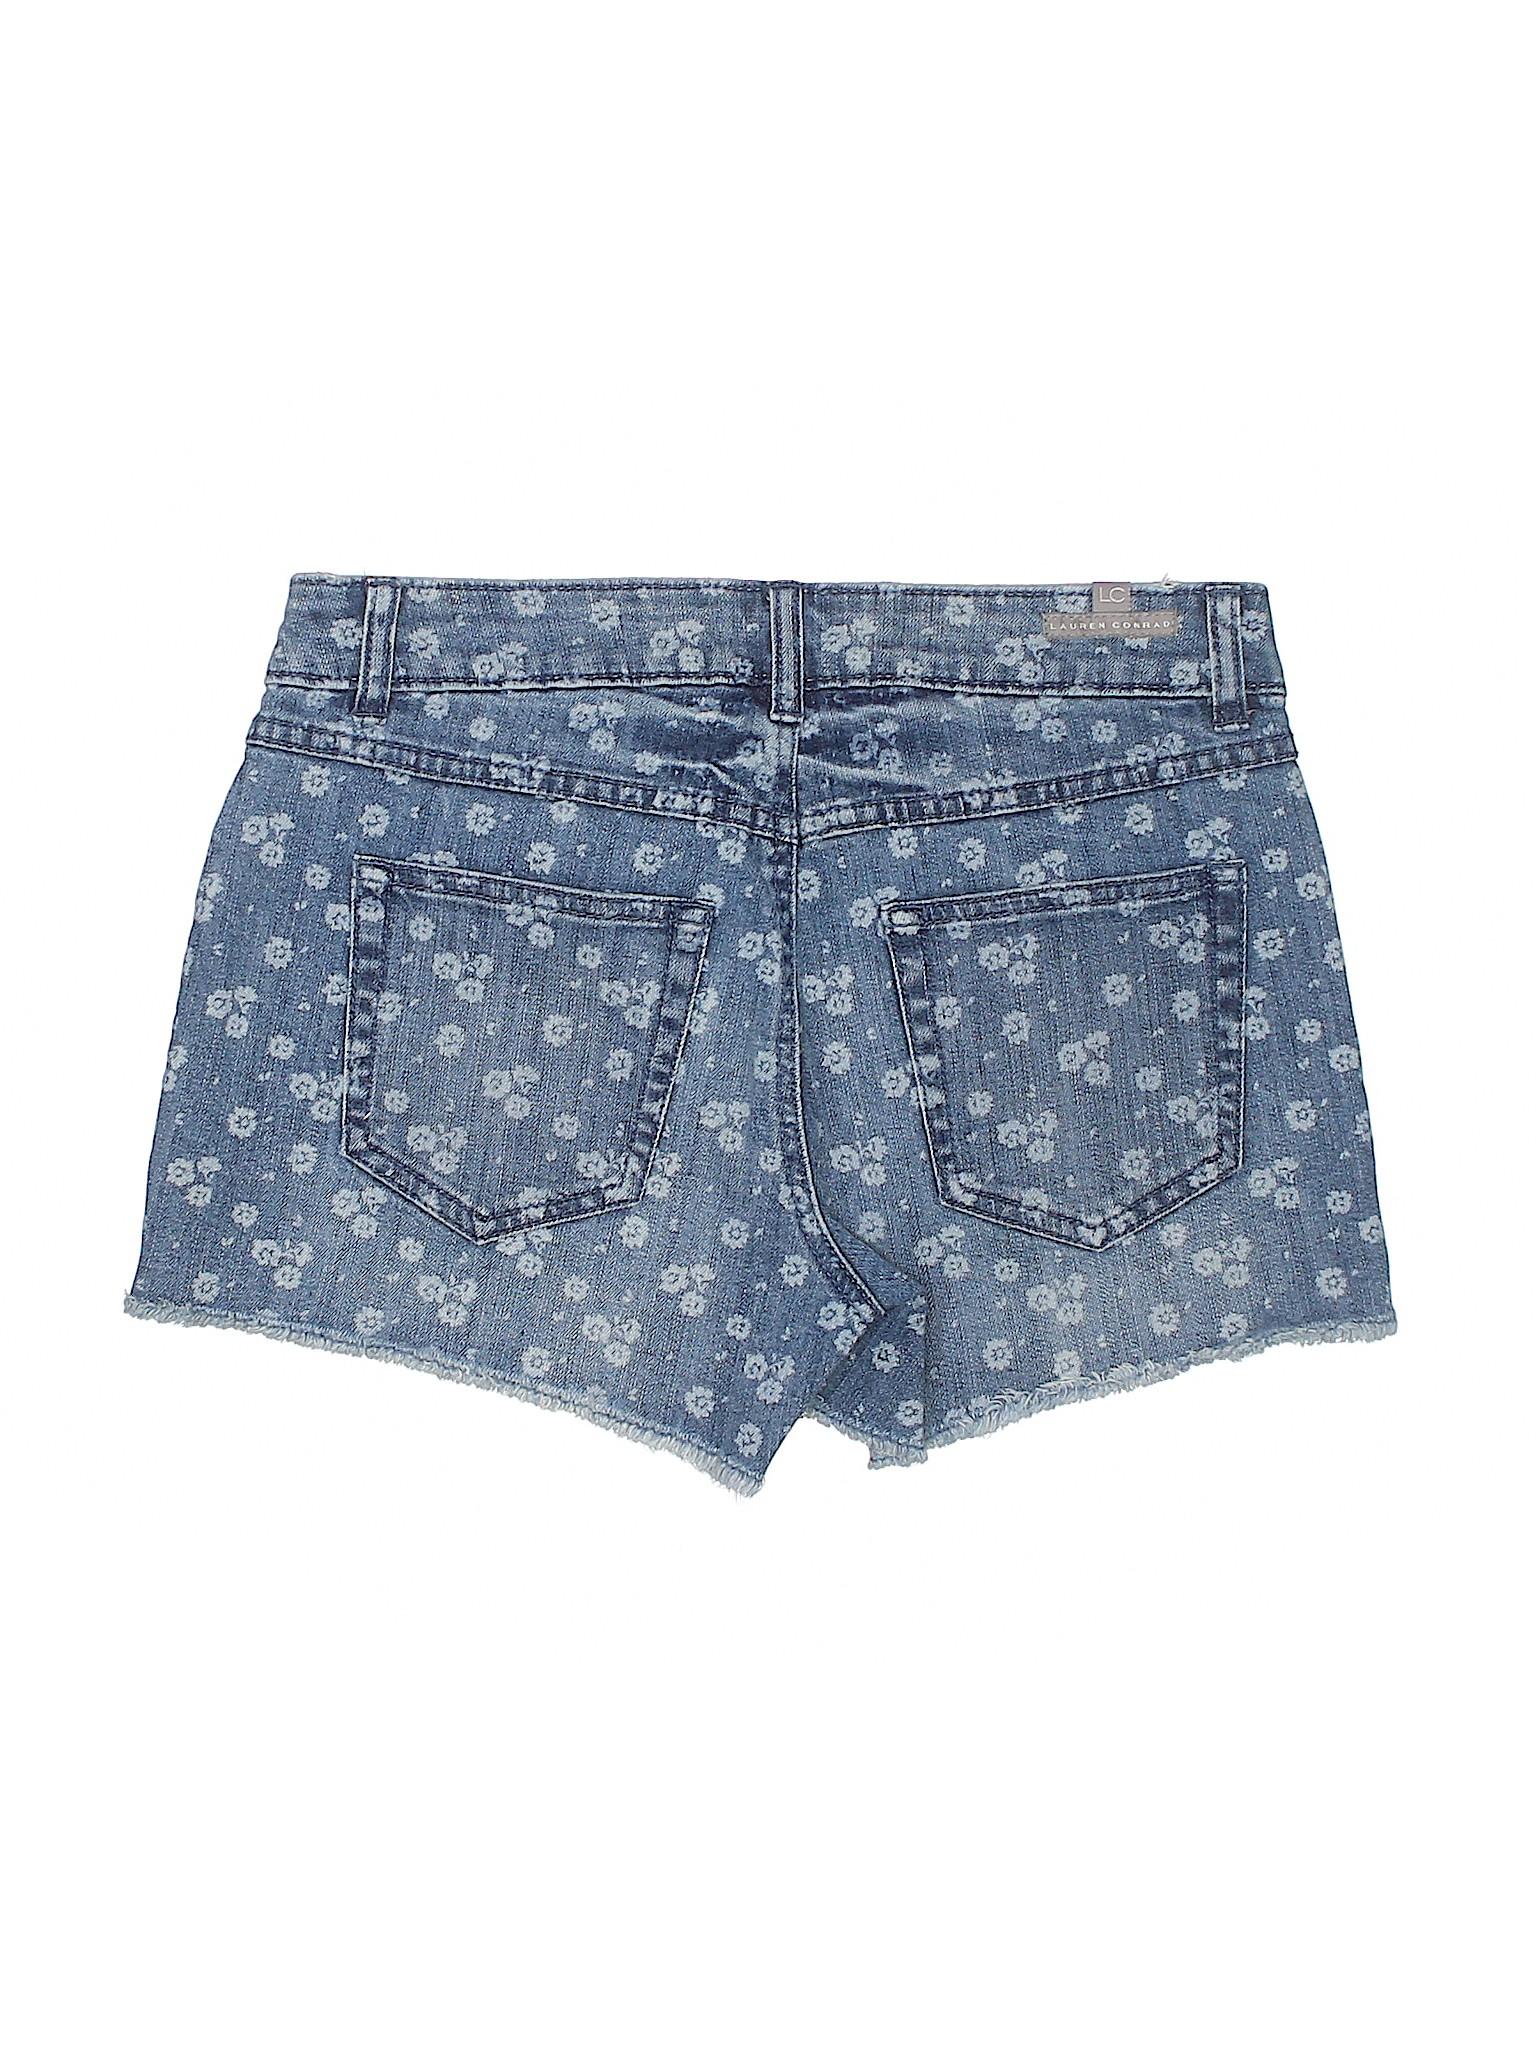 Shorts Lauren Denim Denim Conrad Shorts Boutique Lauren Boutique Conrad 0q87RWn7P